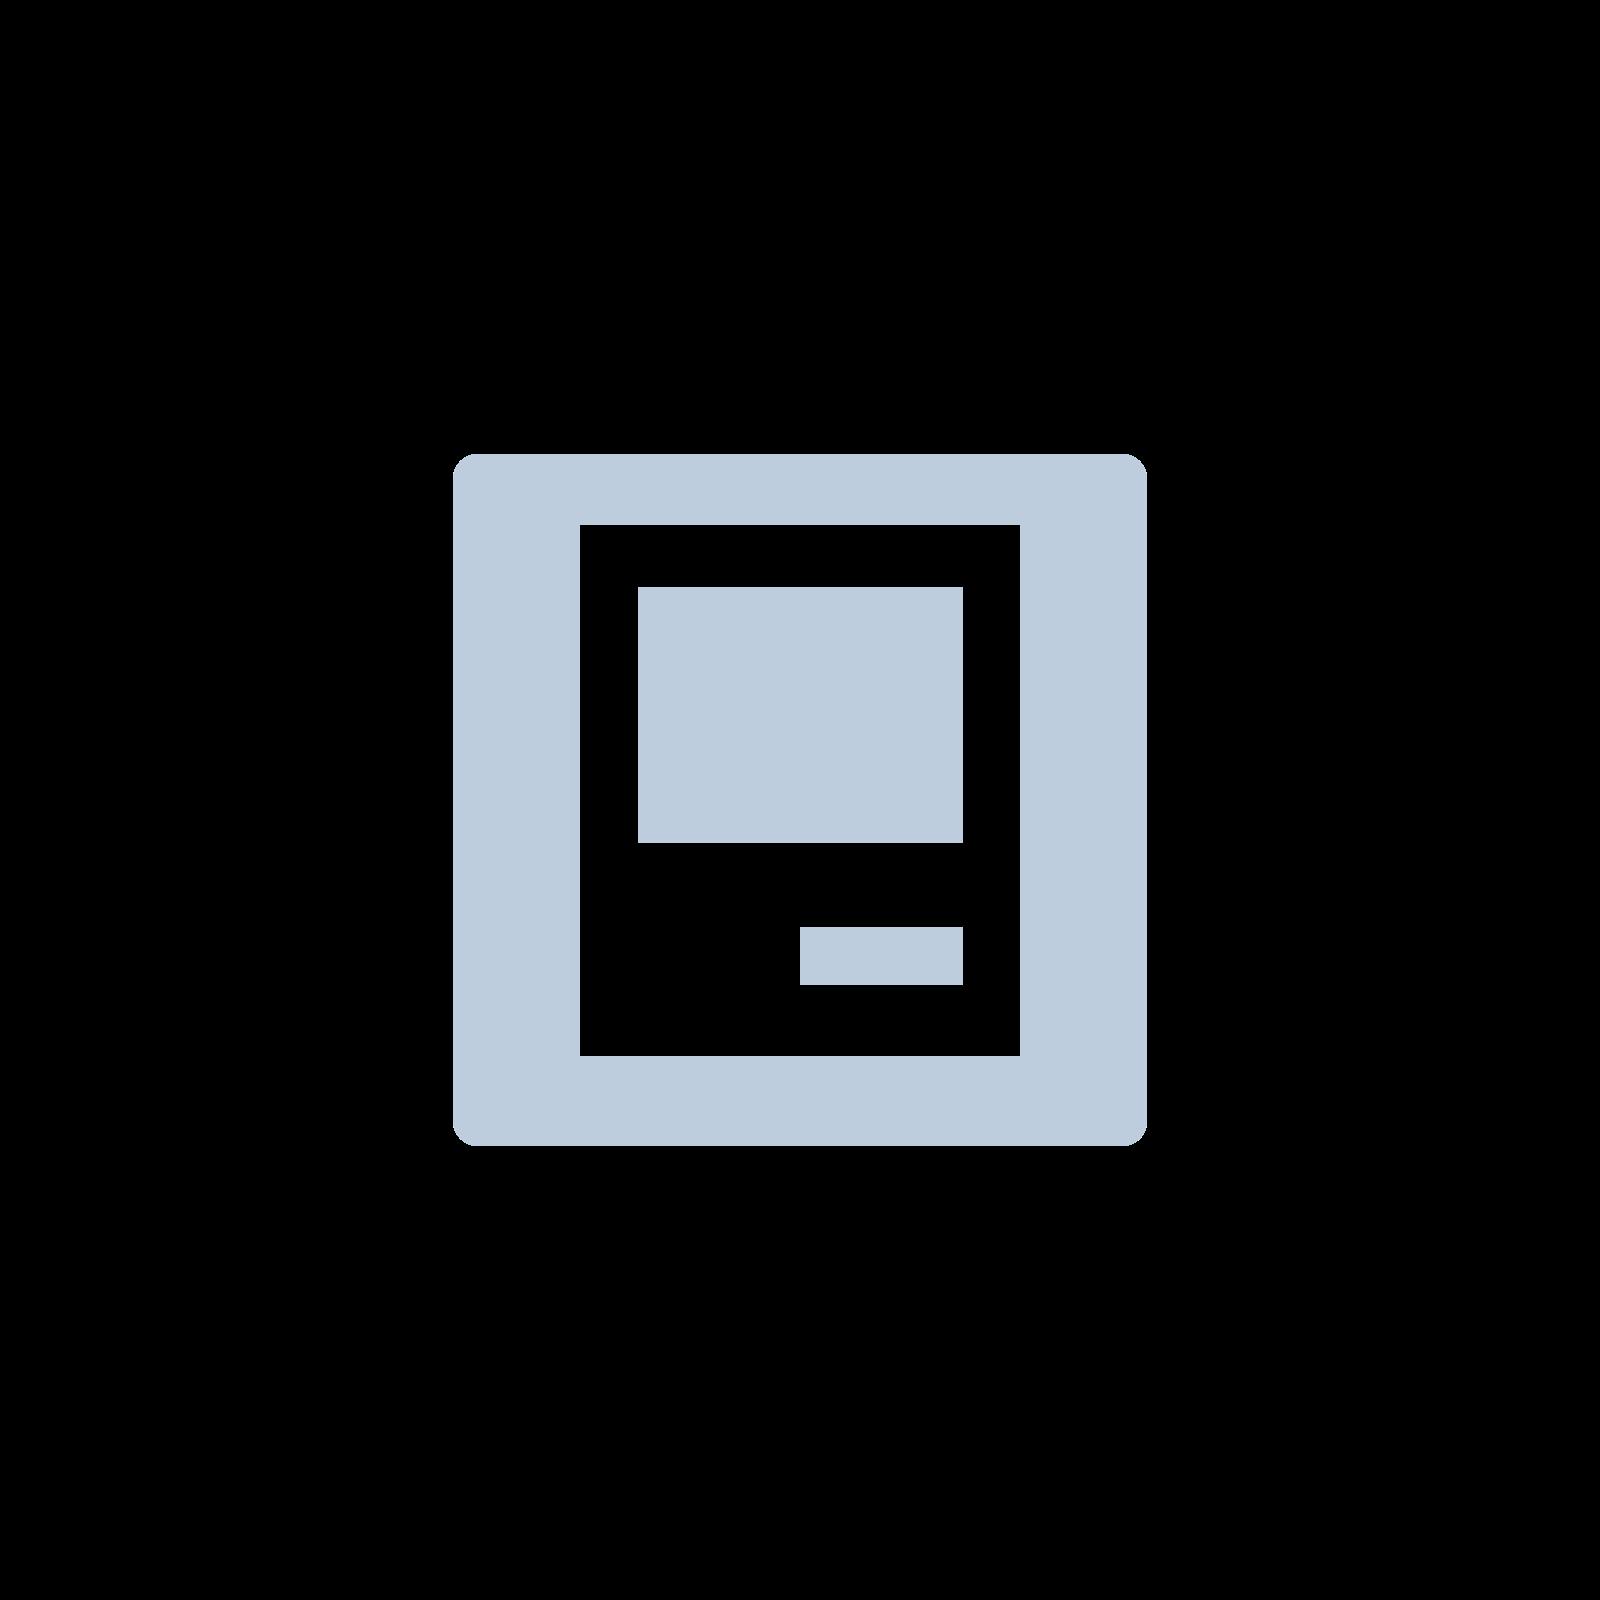 Schutzfolie (2 Stk.) Panzerglas Premium Stärke 9H für iPhone 6 / 6s